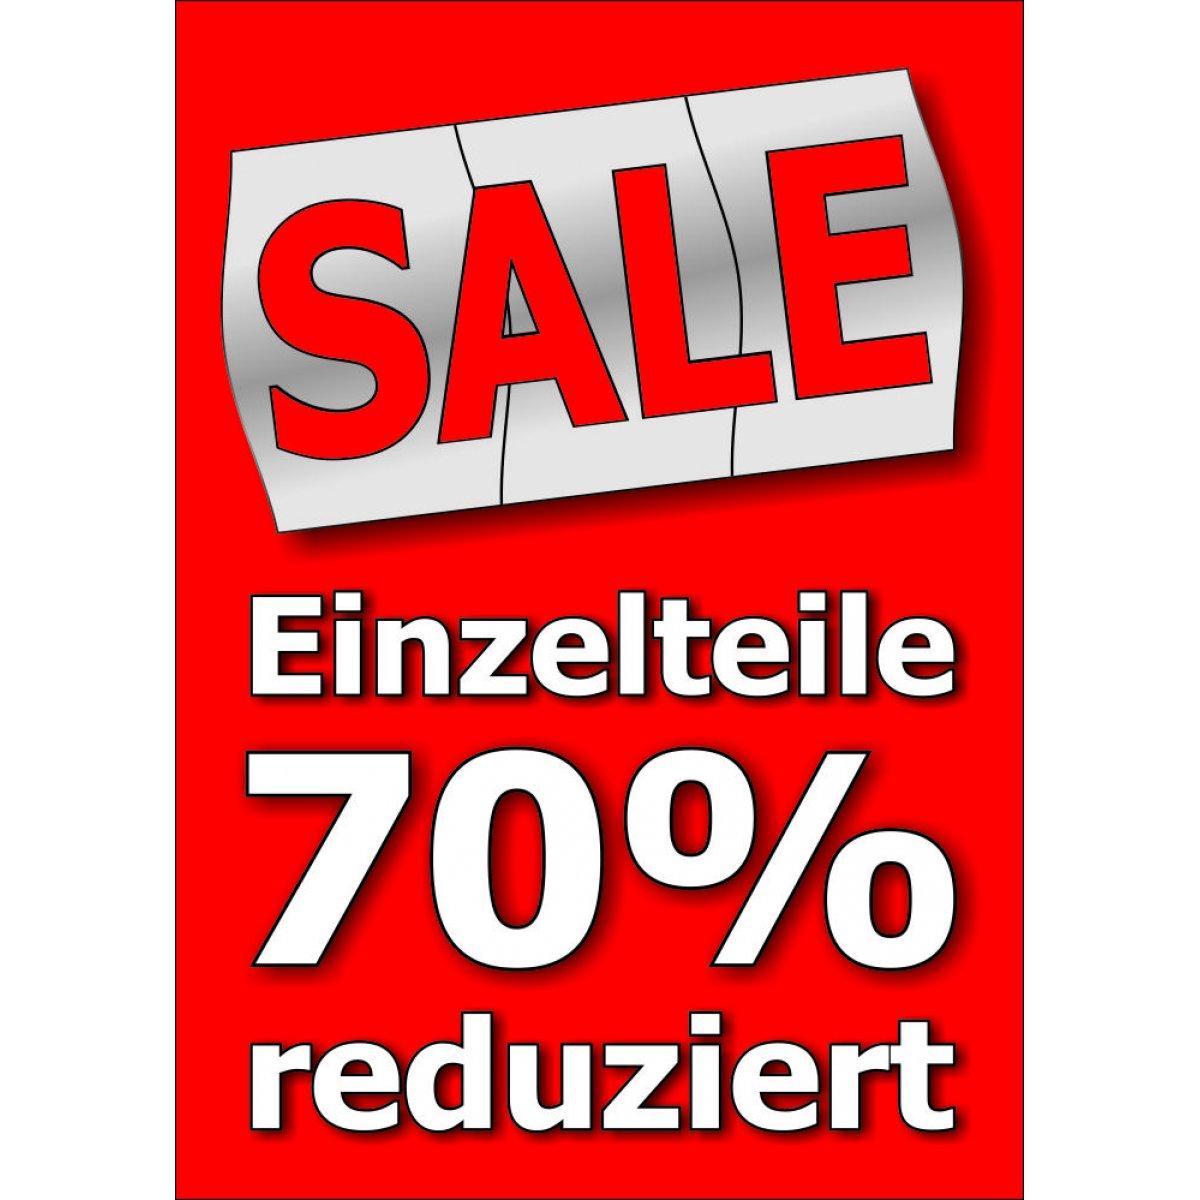 Plakat sale einzelteile 70 reduziert for Mobel 70 reduziert